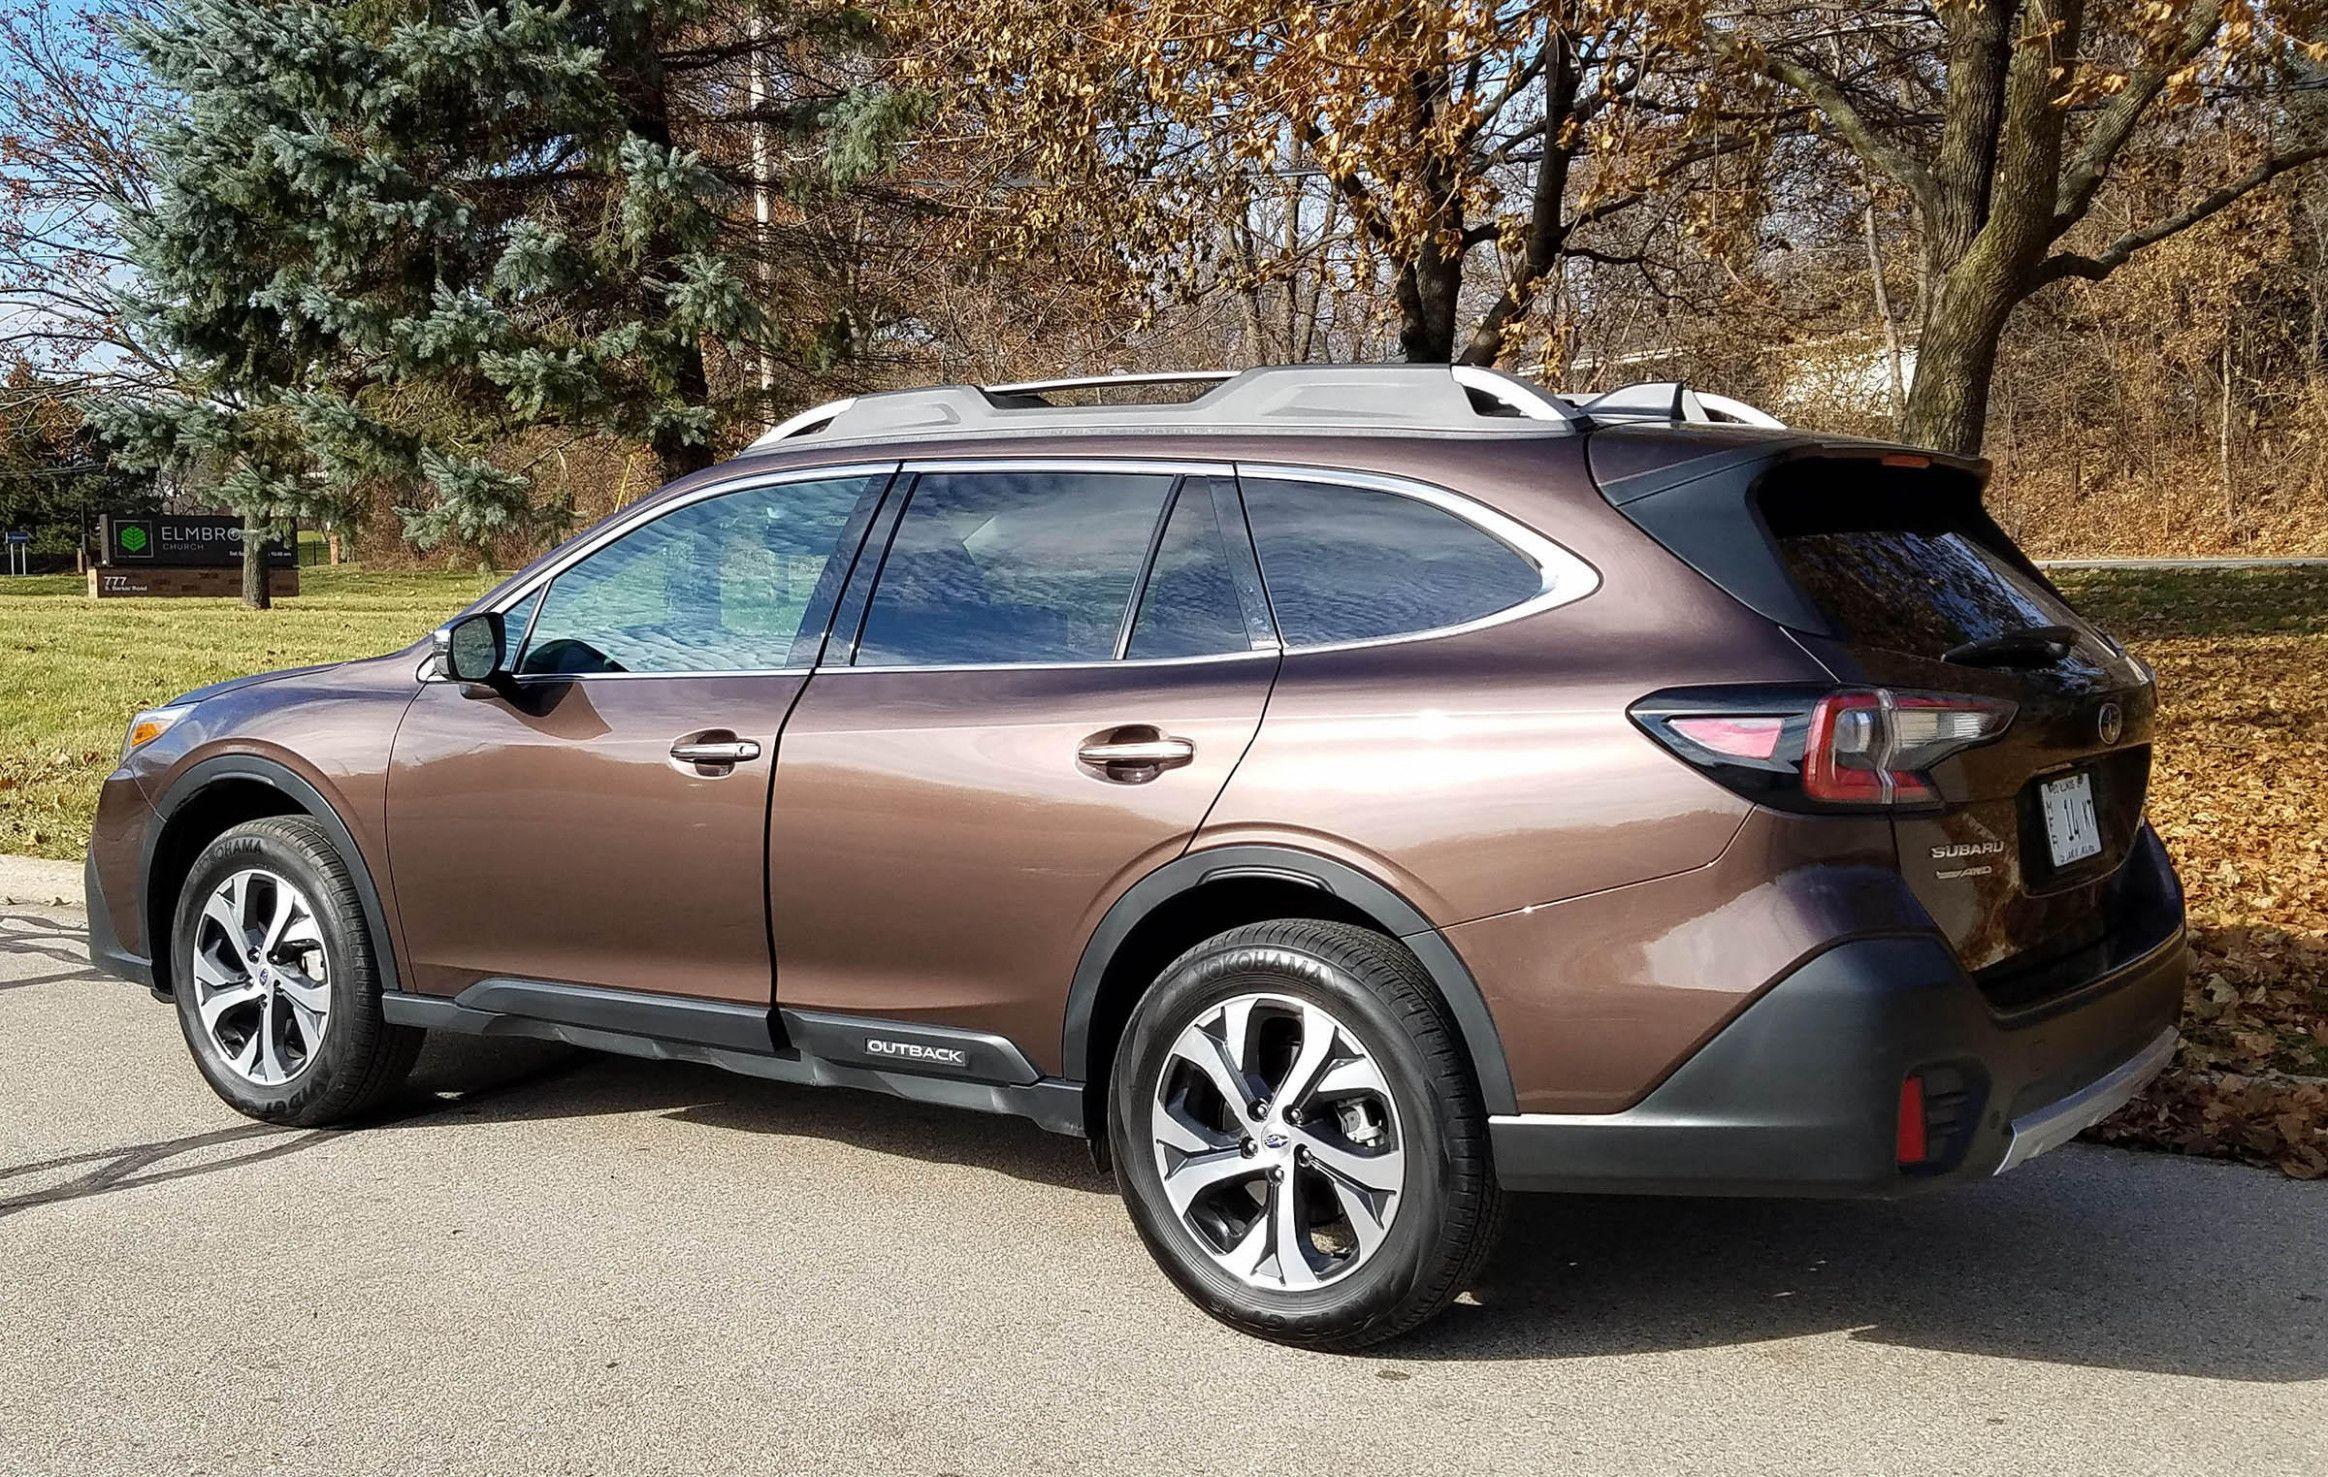 2020 Subaru Xt Touring in 2020 Subaru xt, Subaru, Subaru